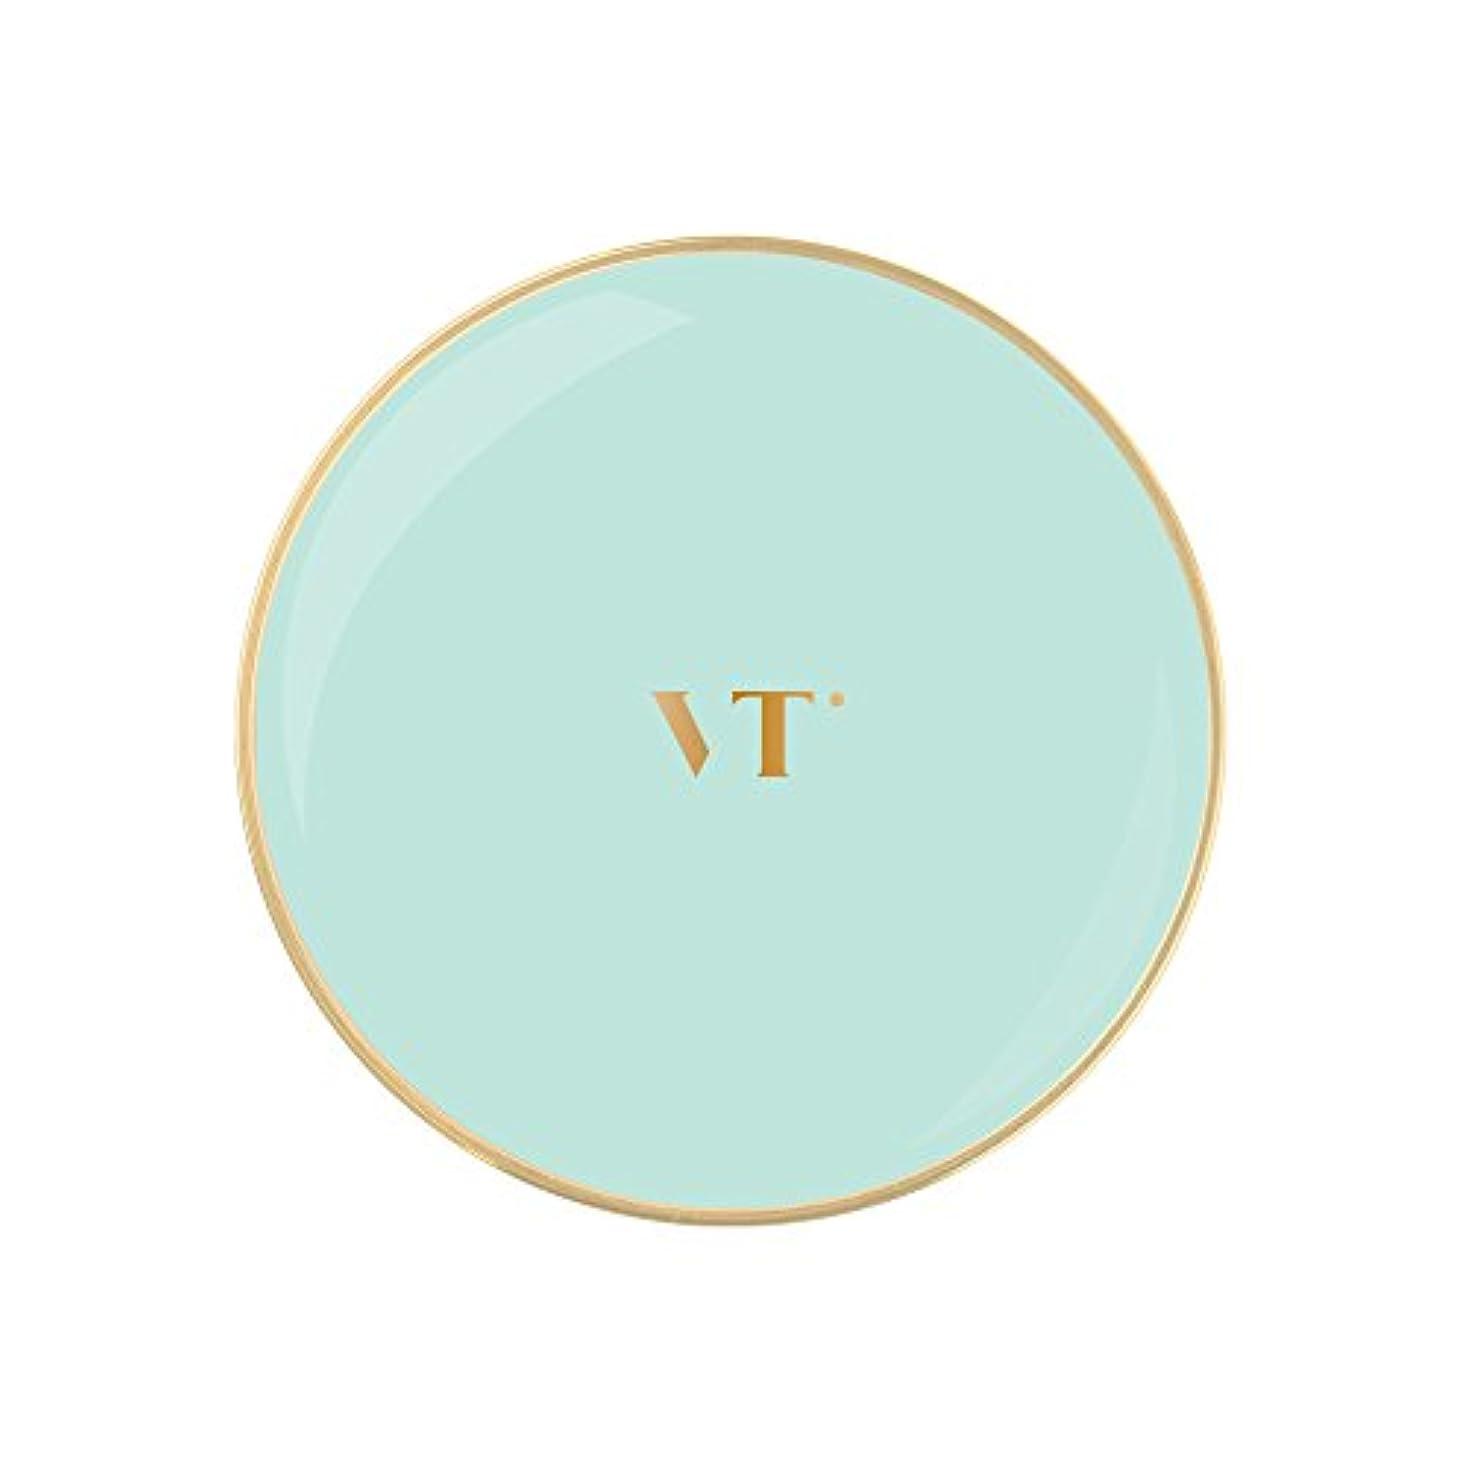 笑い目に見える排除するVT Blue Collagen Pact 11g/ブイティー ブルー コラーゲン パクト 11g (#21) [並行輸入品]